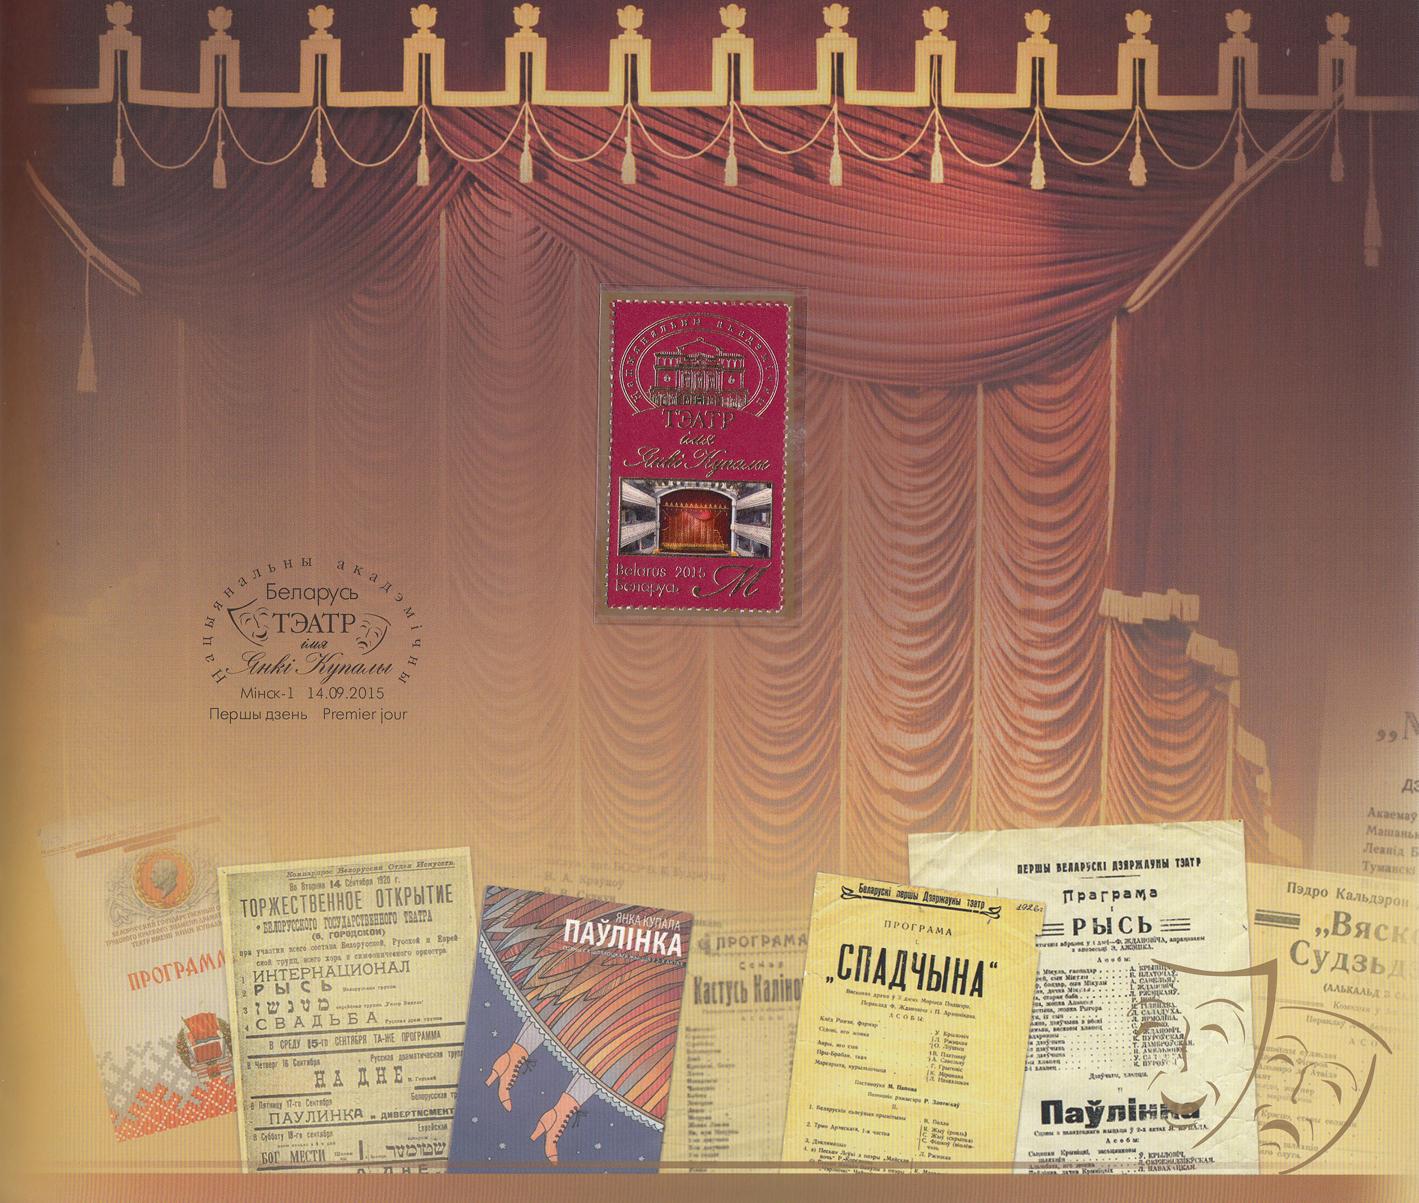 Почтовая марка Театры Беларуси. Национальный академический театр имени Янки Купалы.